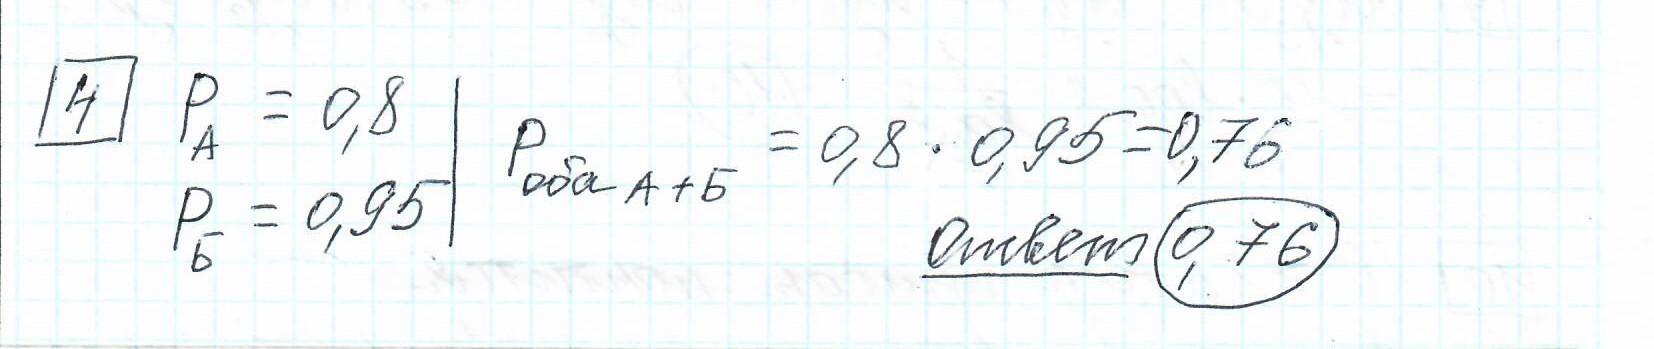 Задние 4, Вариант 5, решение и ответ - Ященко ЕГЭ 2019 математика профиль 36 вариантов